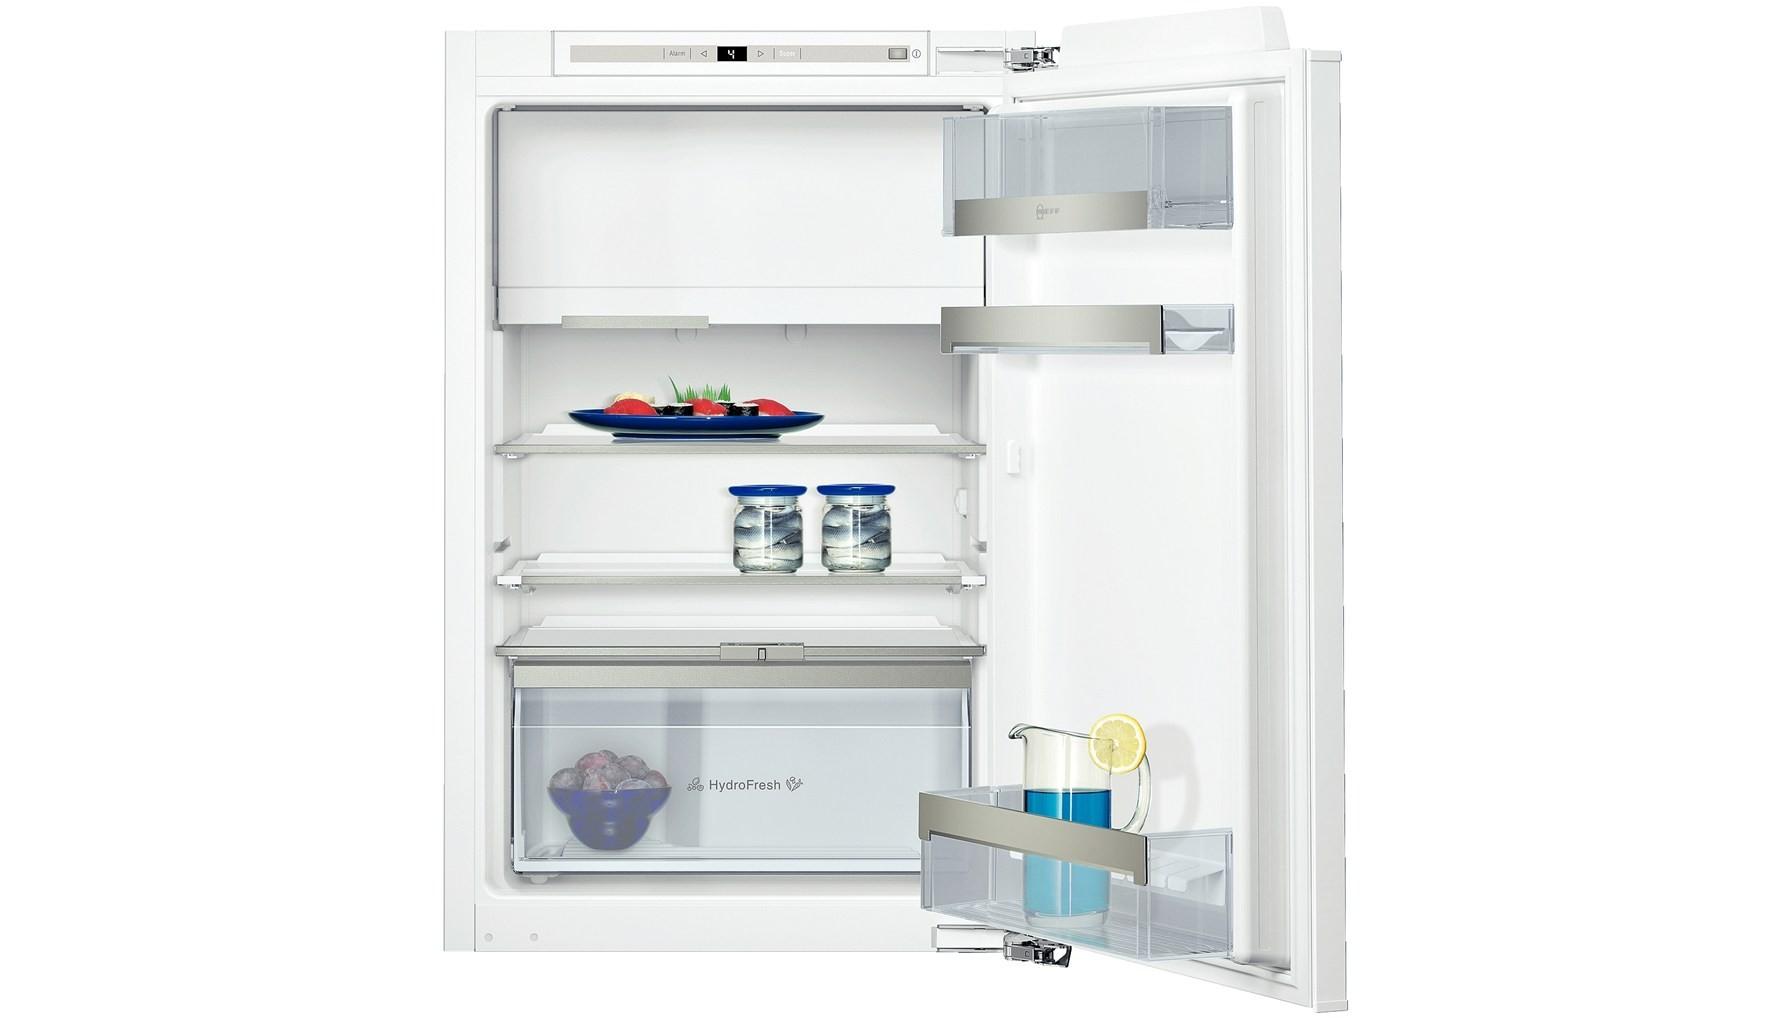 Stunning frigorifero a incasso photos for Frigo due ante